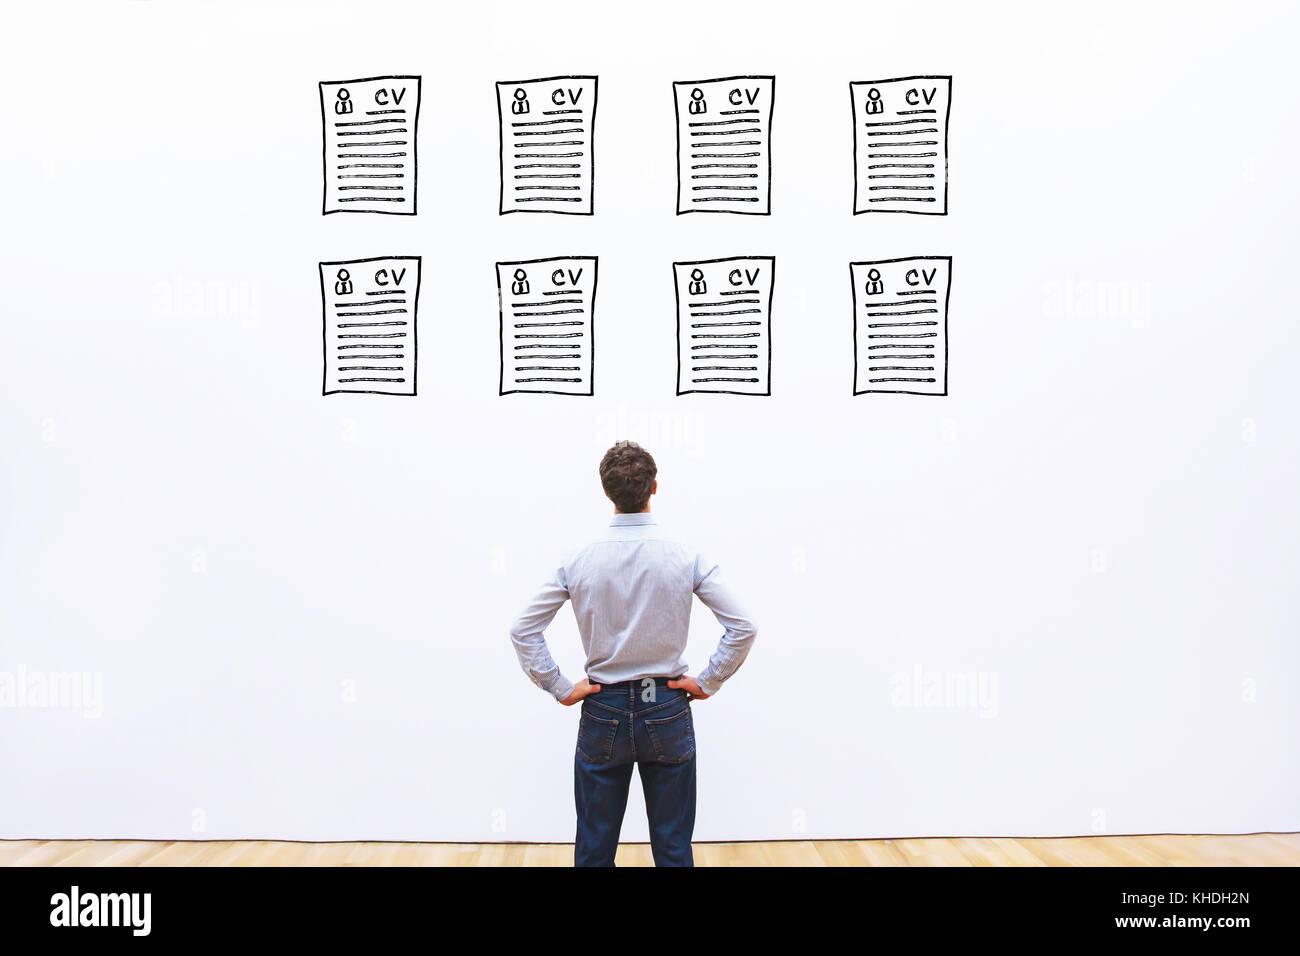 Human Resource Manager guardando molti diversi cv riprendere e scegliendo la persona ideale per il noleggio Immagini Stock